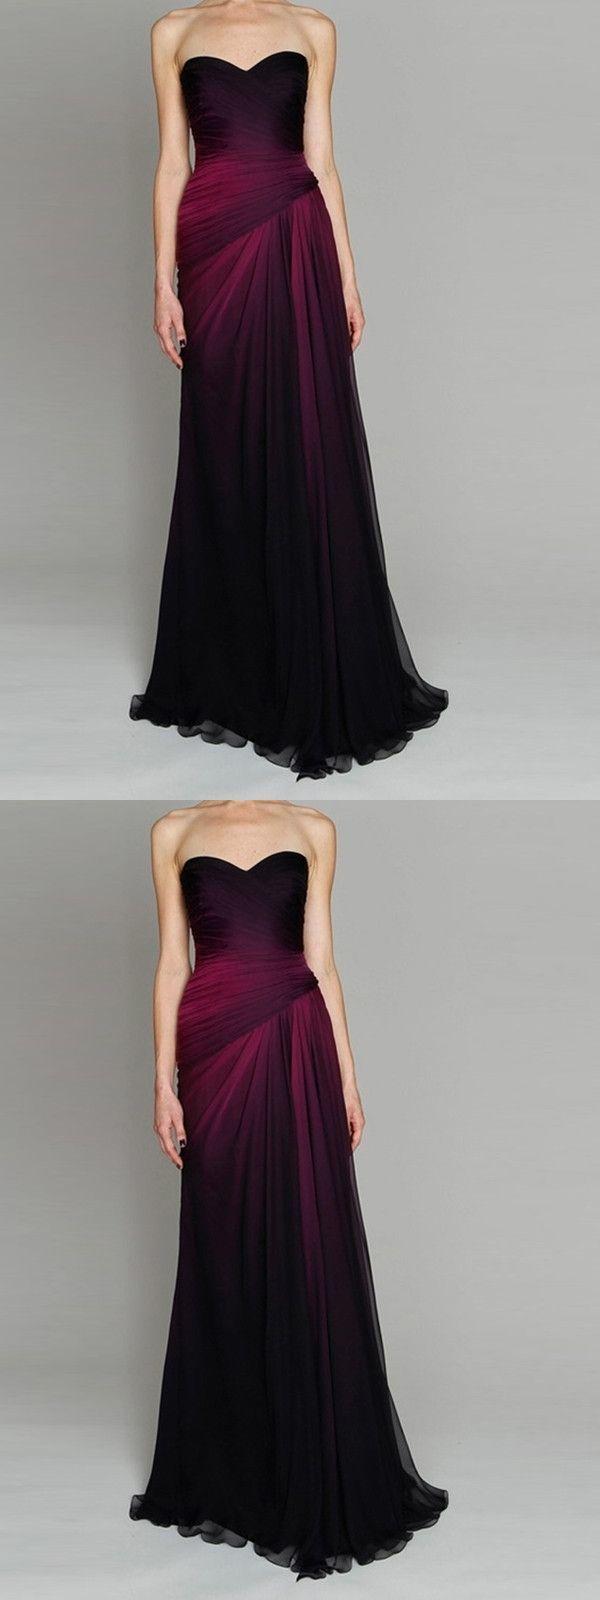 c02271c5c51 Ombre Black Prom Dress Cheap Long Sweetheart By Meetbeauty On Zibbet